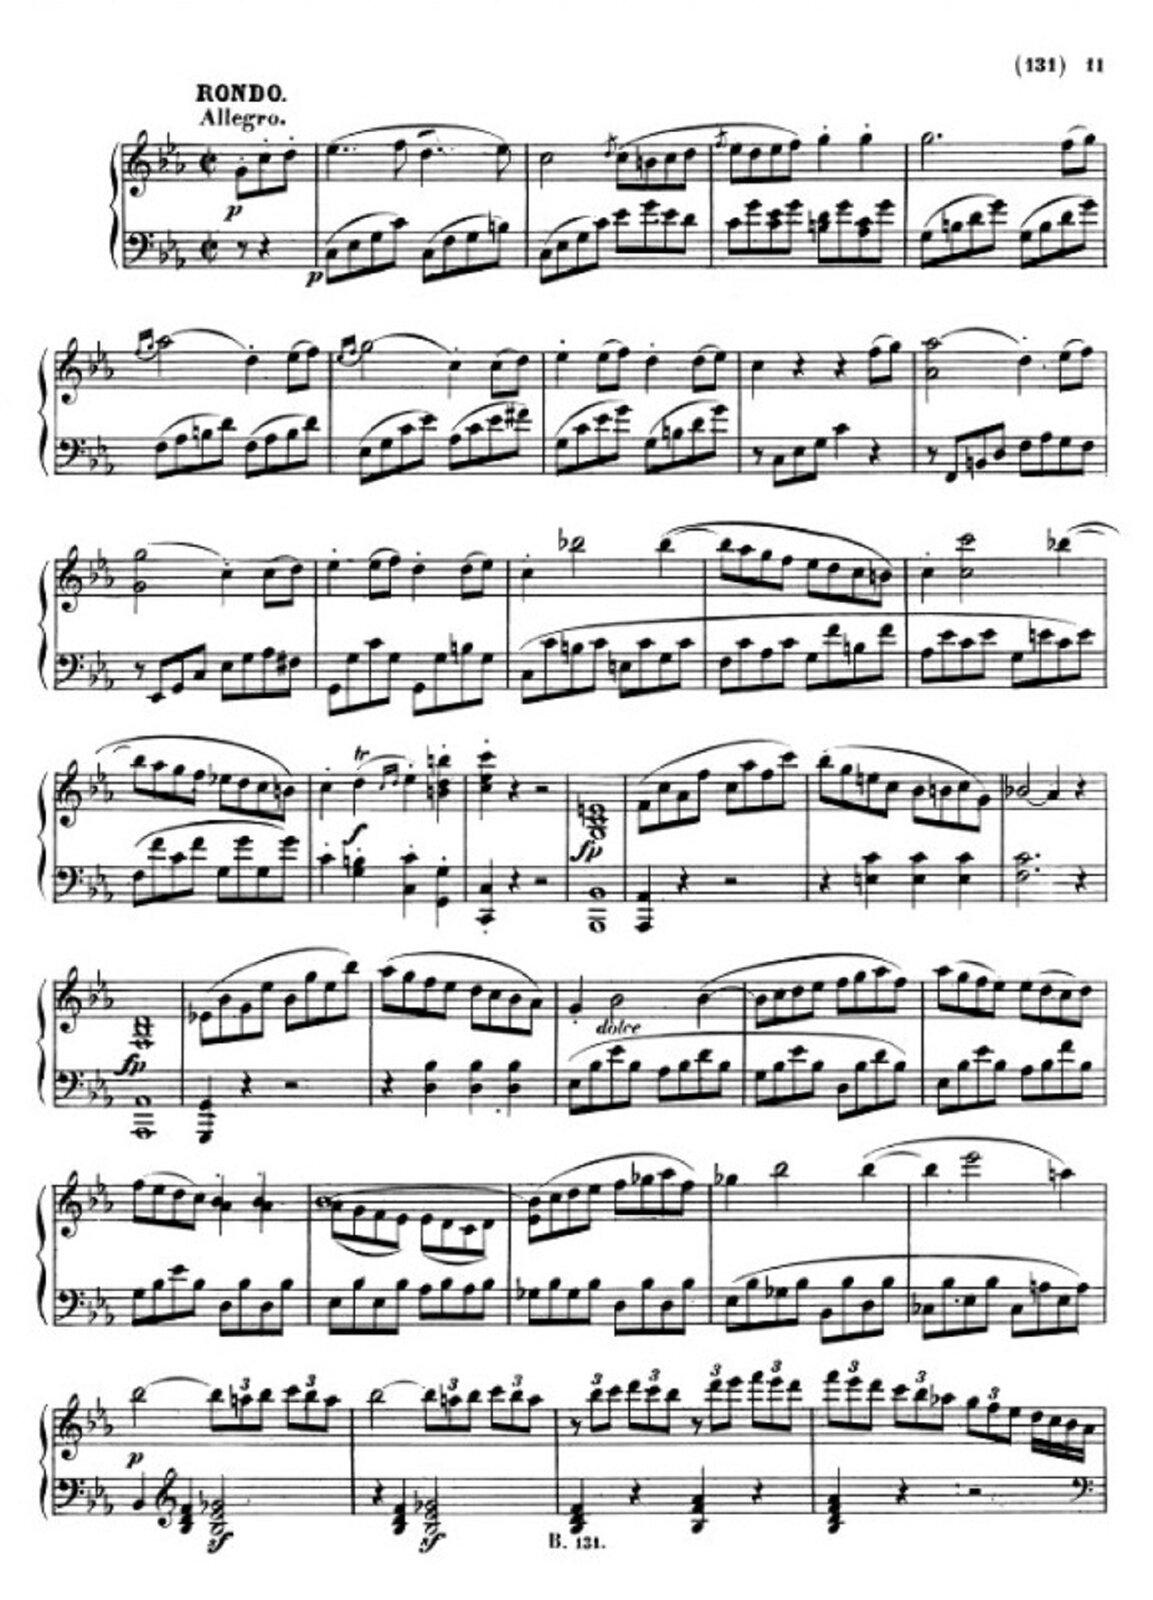 """Zdjęcie przedstawia graficzny utwór muzyczny. Fotografia ukazuje czarną pięciolinię znutami, na białej stronie utworu Ludwig van Beethoven – """"Sonata fortepianowa c-moll"""" opus 13 """"Patetyczna"""", część III."""